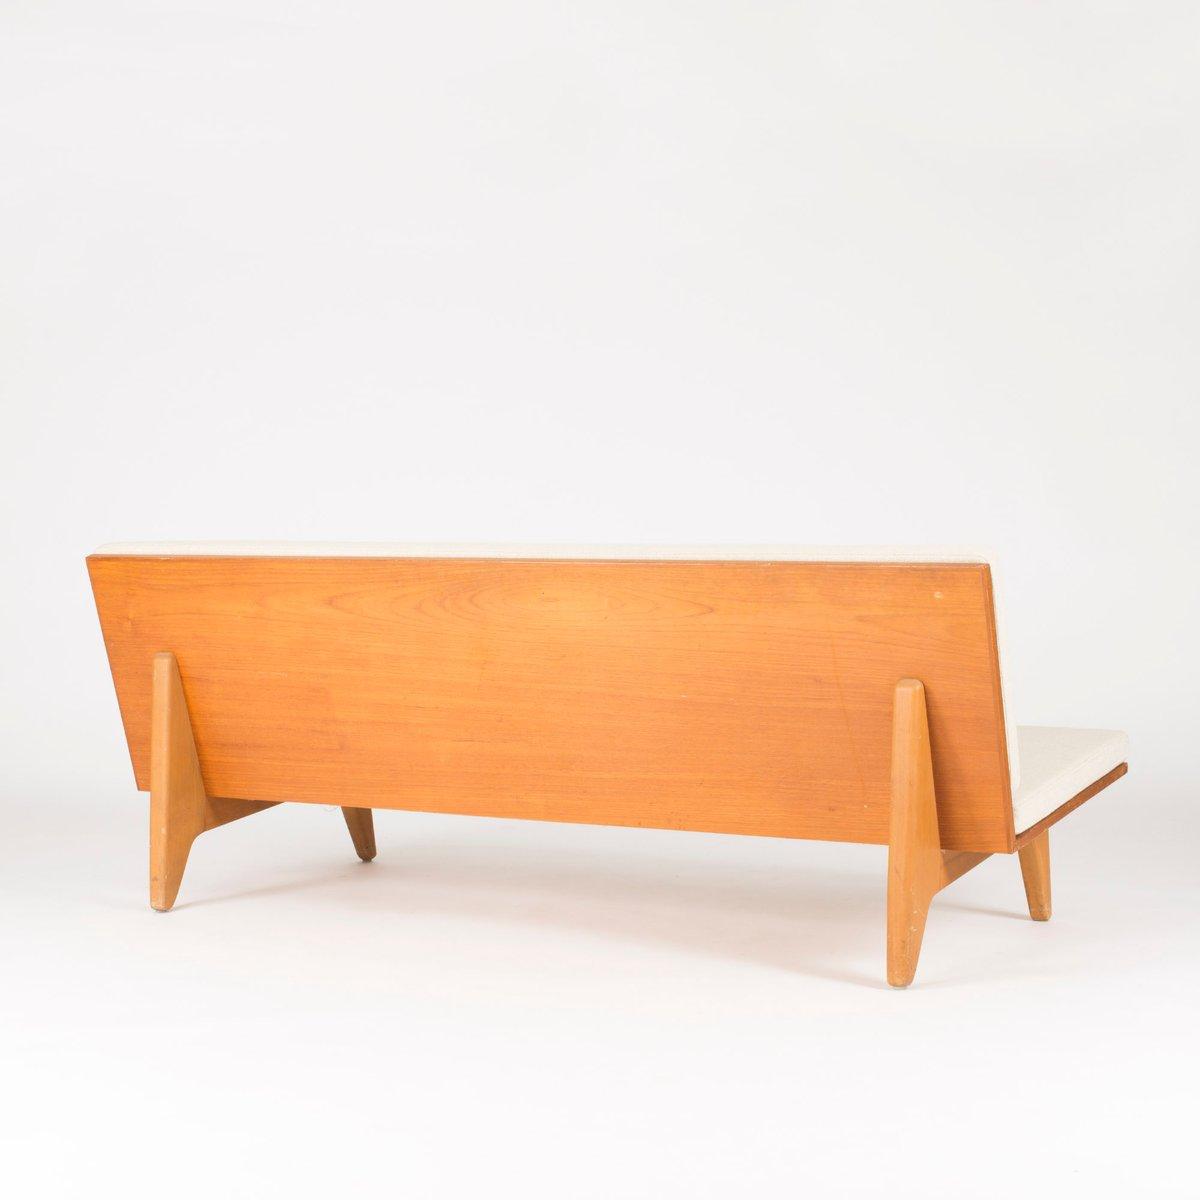 canap en teck par gustaf hiort af orn s pour g sta. Black Bedroom Furniture Sets. Home Design Ideas